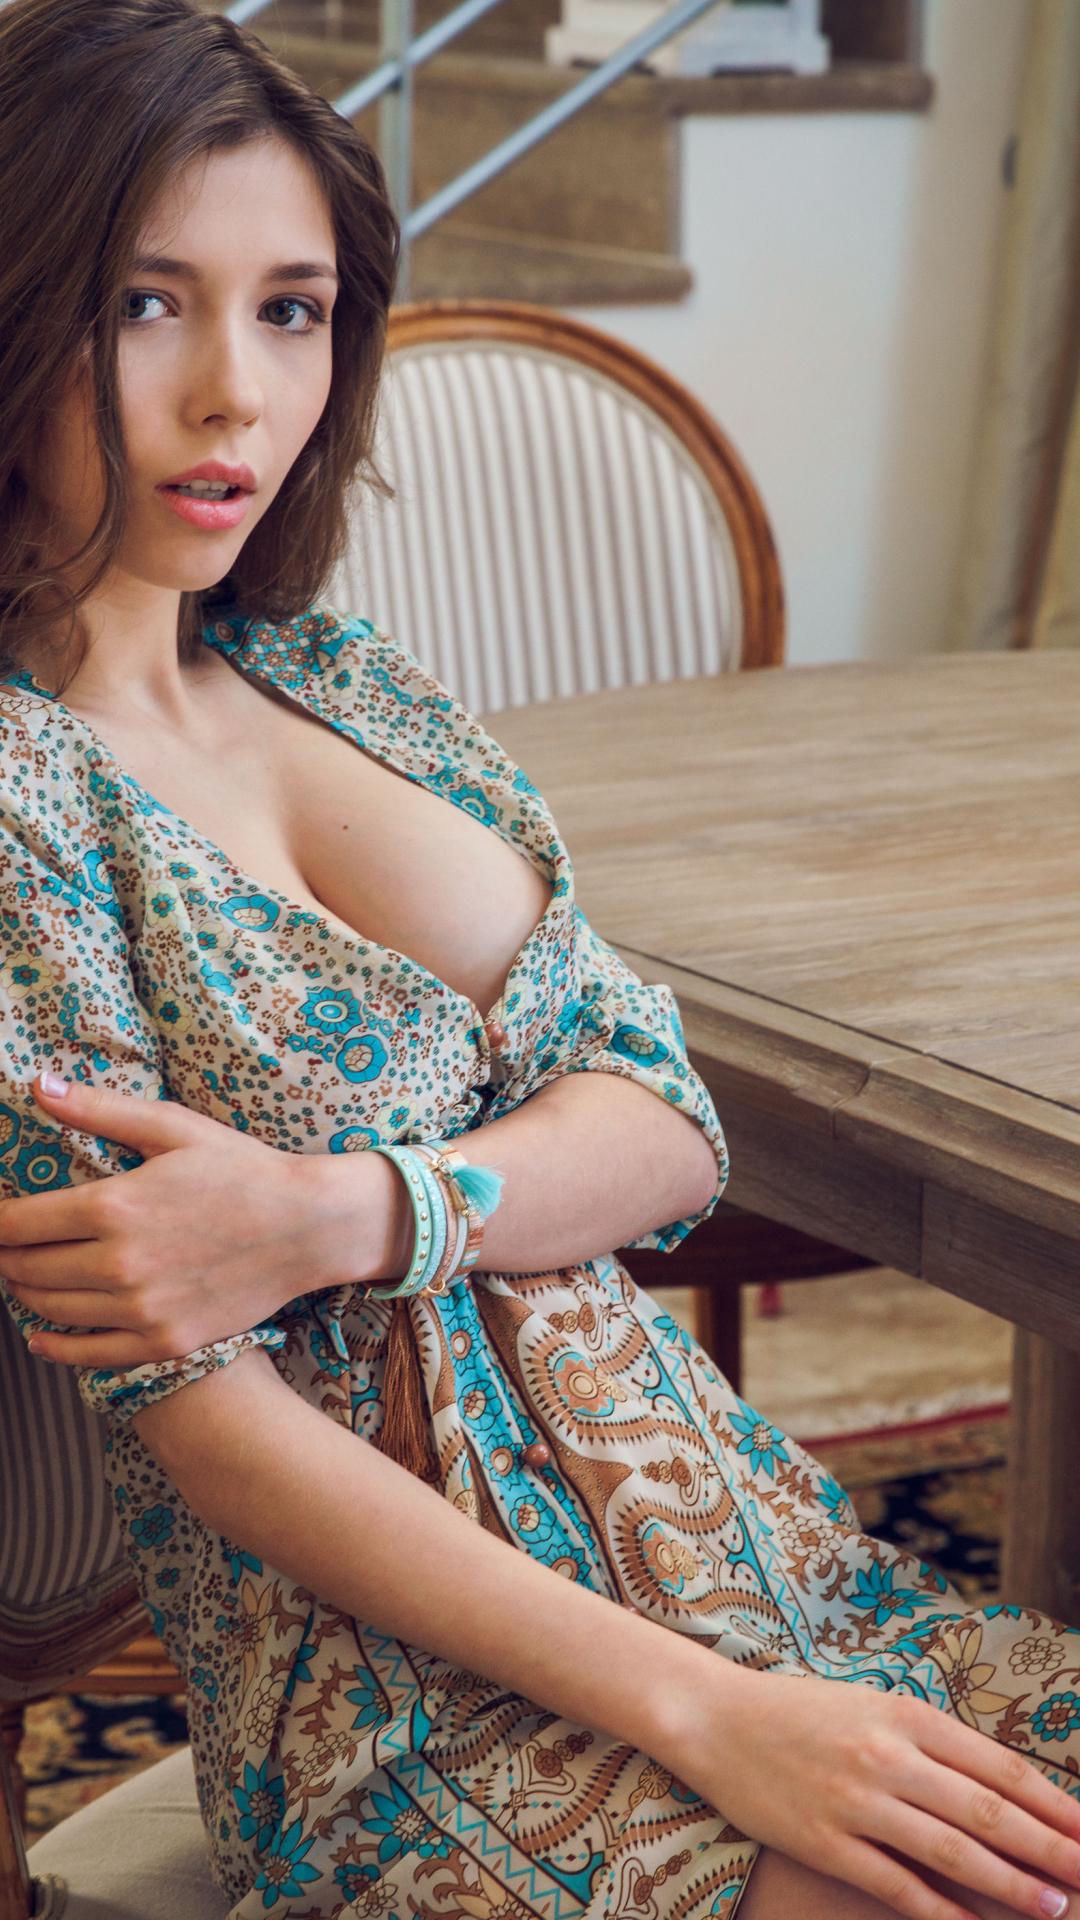 konchini-porno-v-halabude-massazha-smotret-video